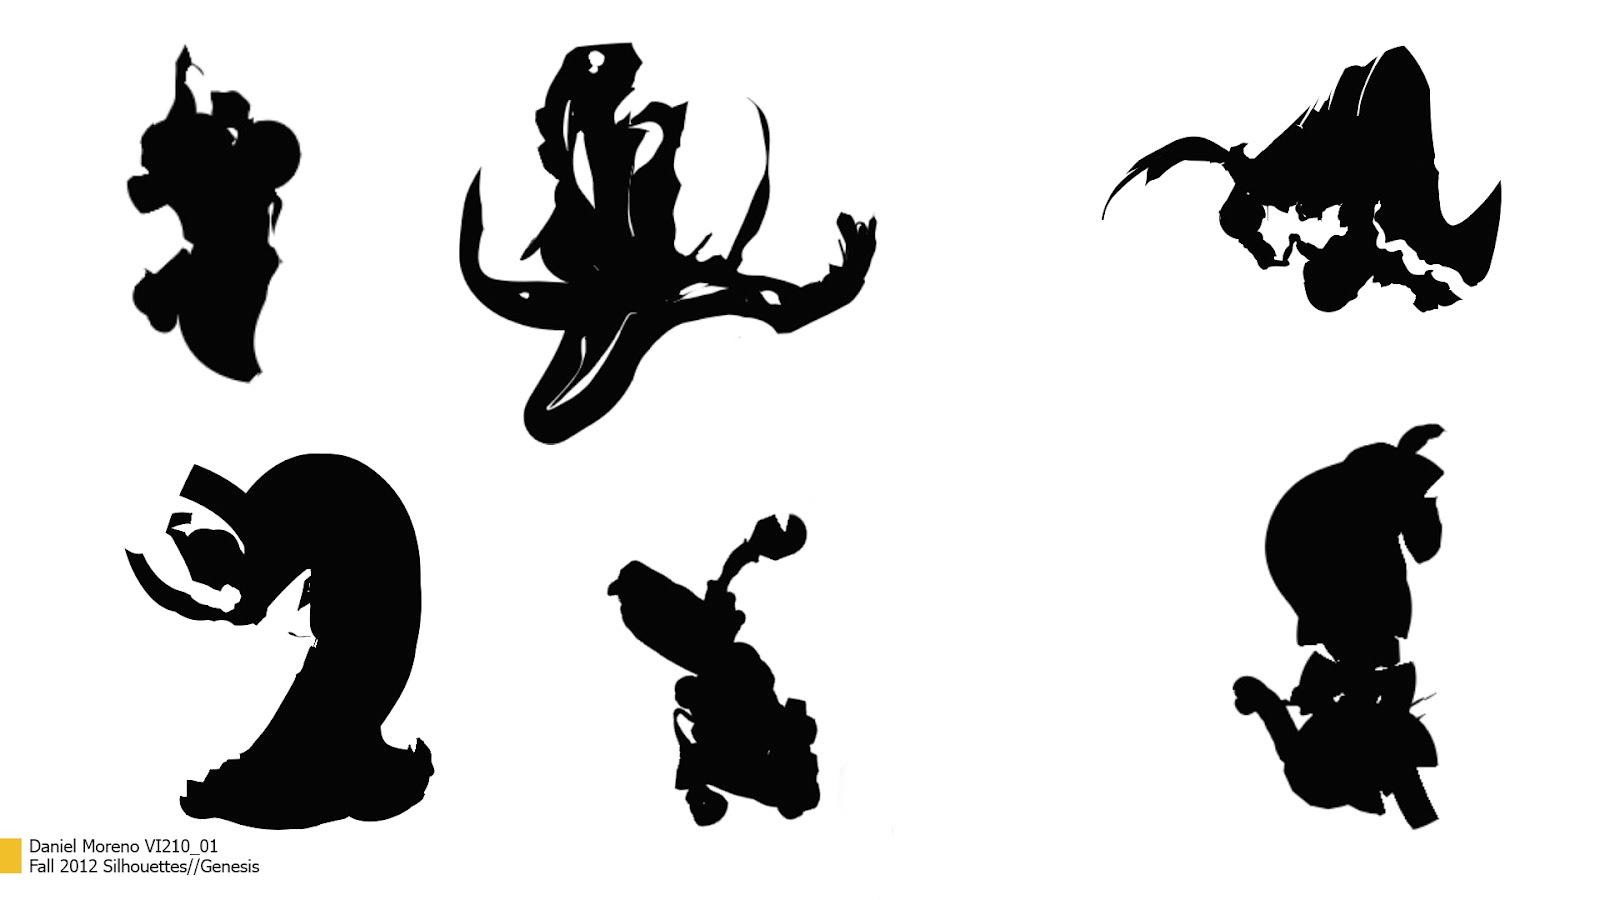 Character Design Silhouette : Daniel moreno motion design silhouette character designs